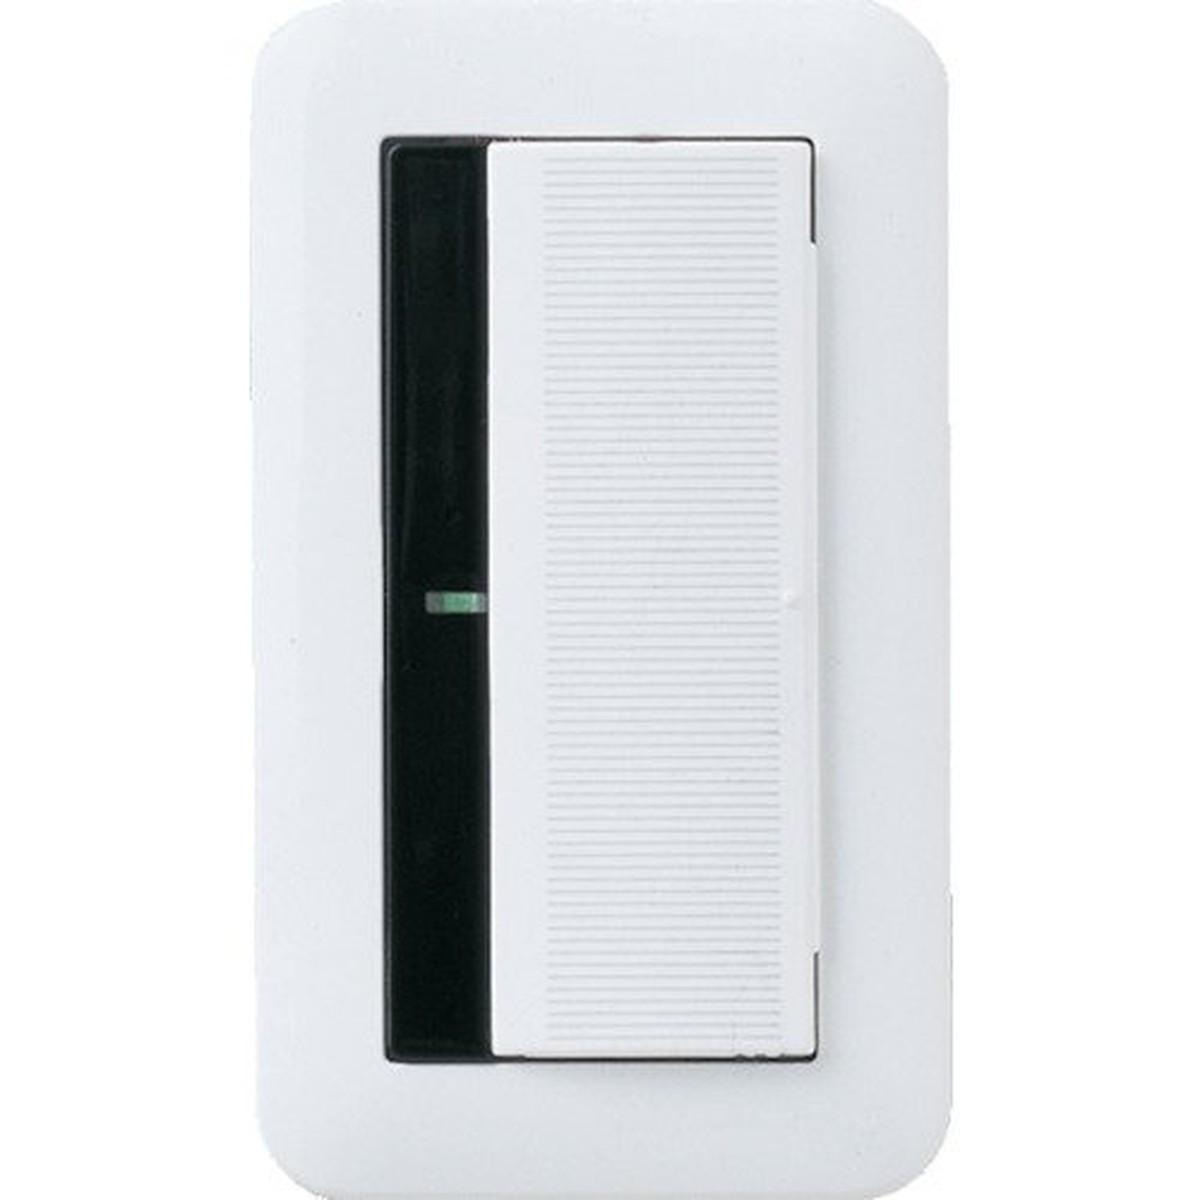 パナソニック(Panasonic) トッタラリモコン2線式・入切3CH WTP56219WP 【純正パッケージ品】【クーポン配布中】